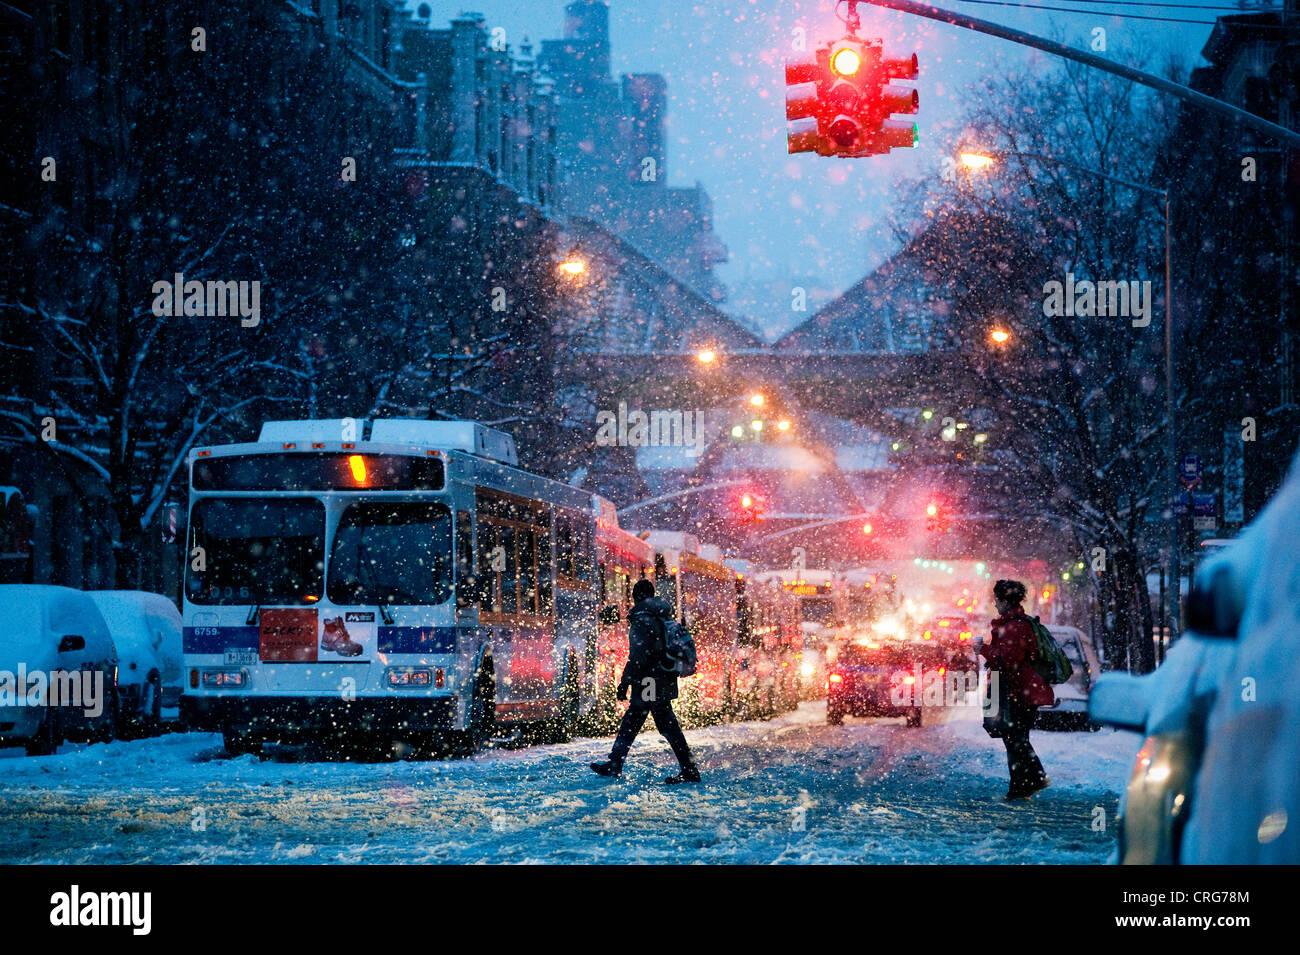 Una mañana temprana tormenta de nieve en la parte superior de Manhattan. Imagen De Stock